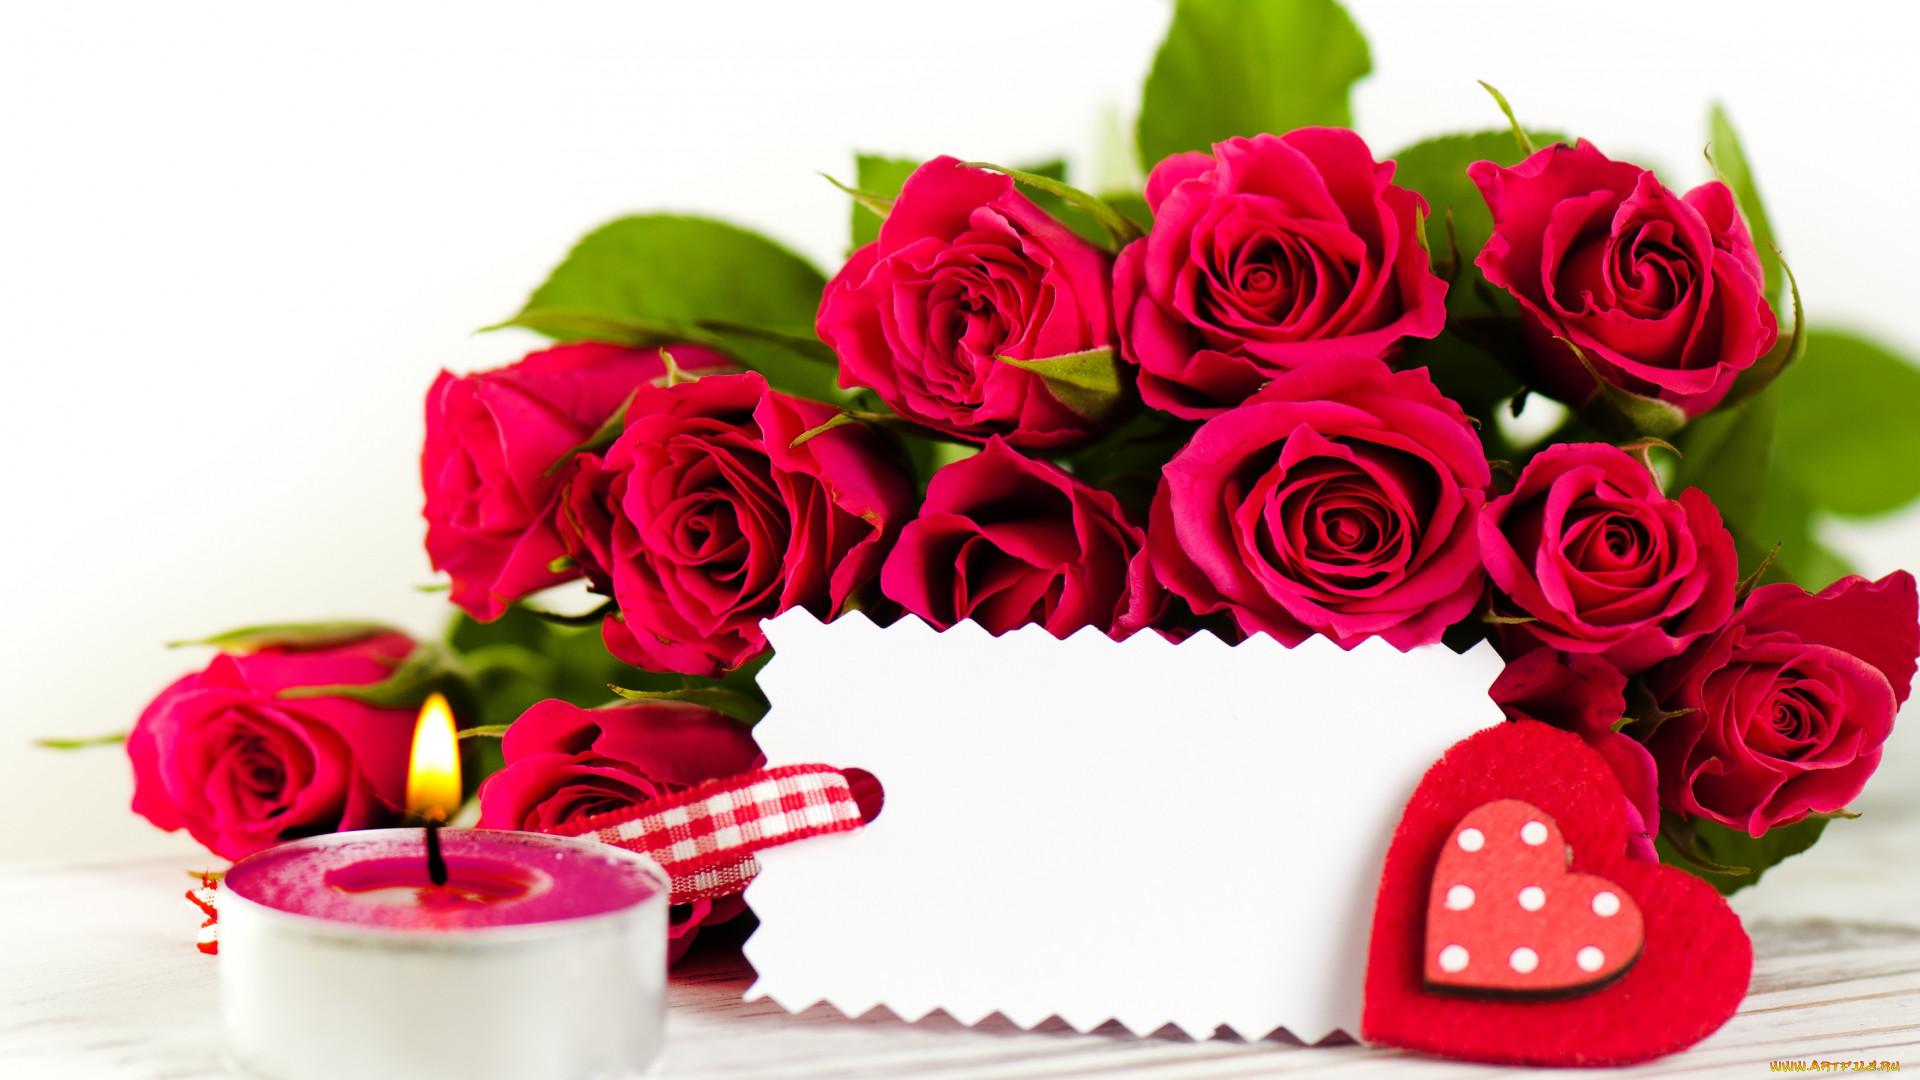 Поздравления с днем рождения валентина фото